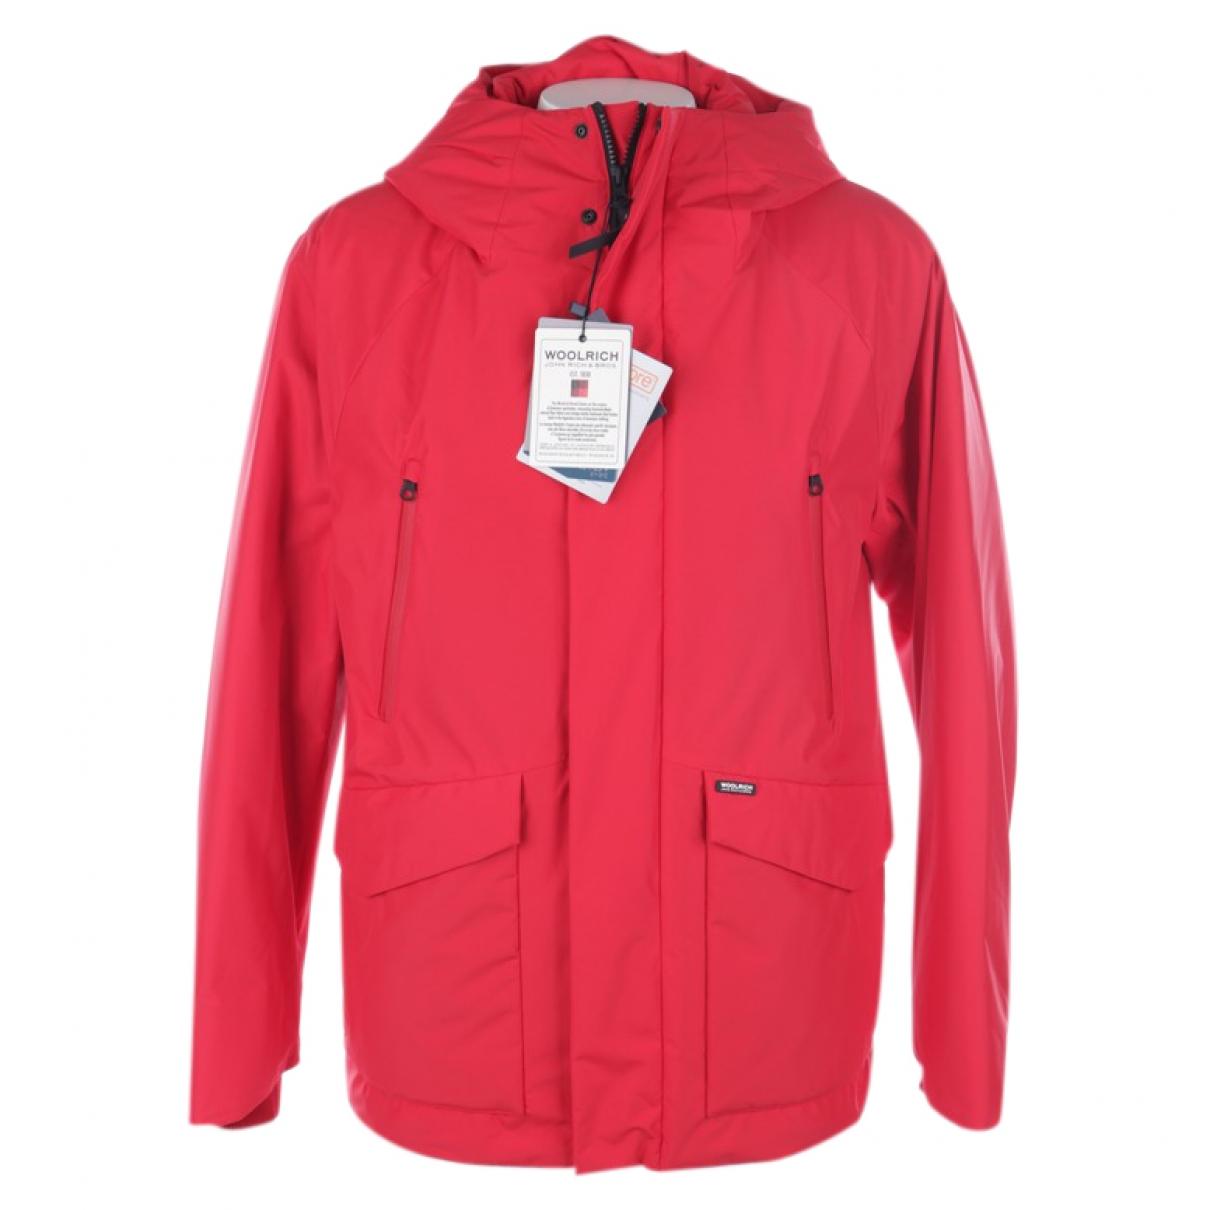 Woolrich \N Red coat for Women L International